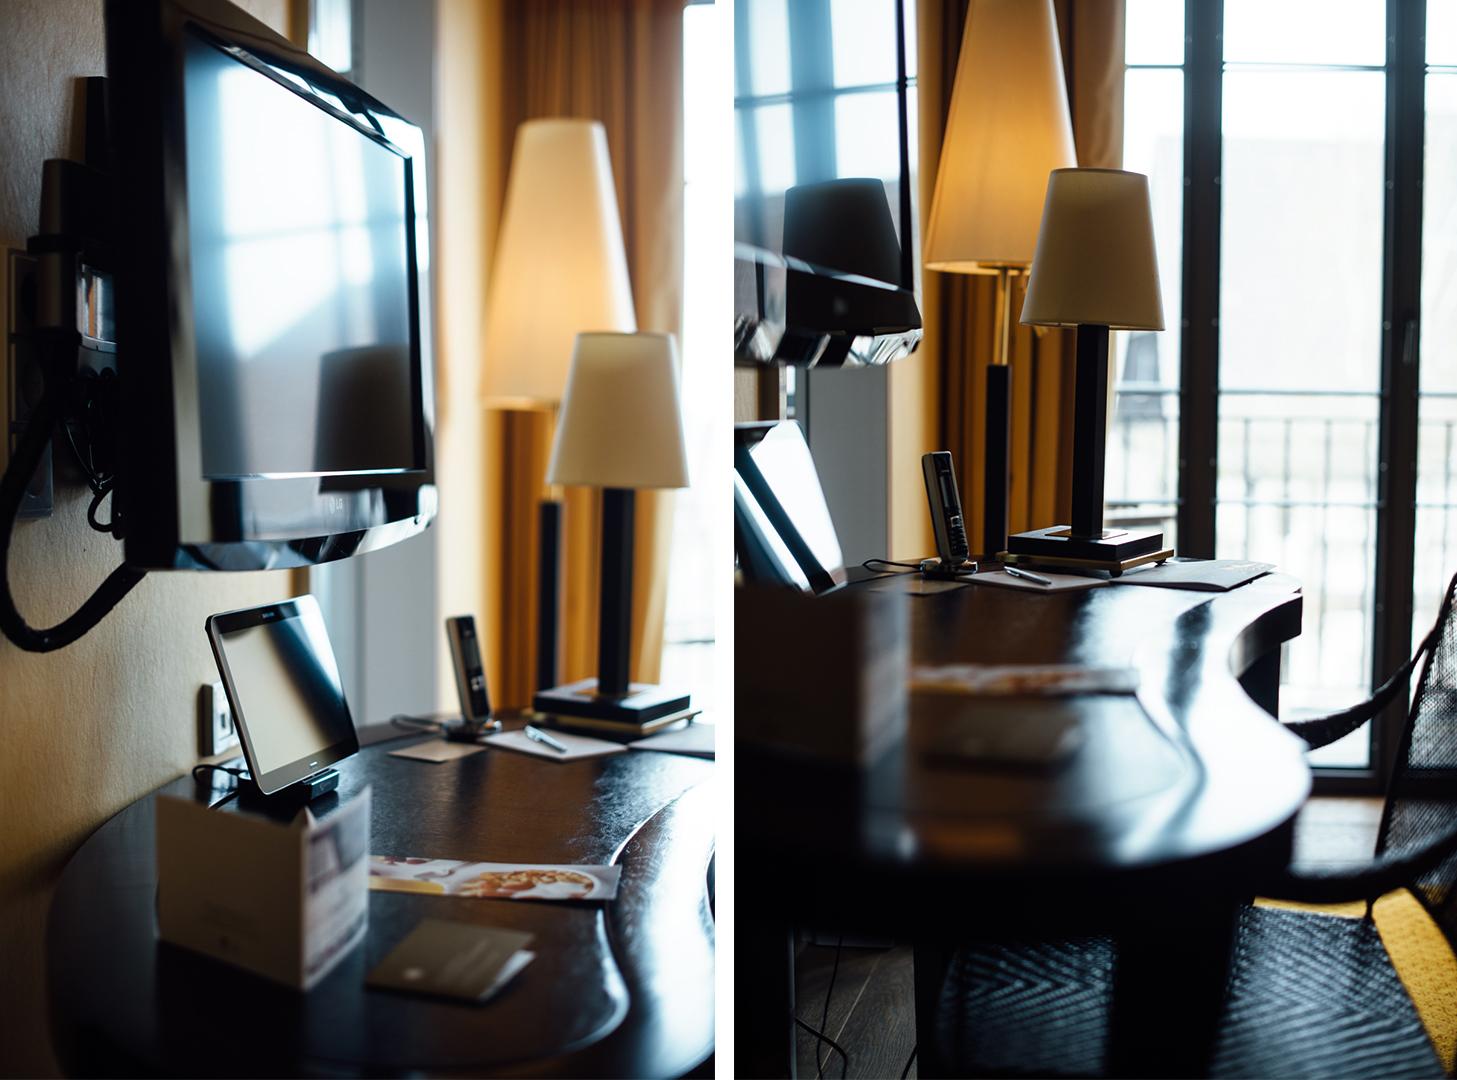 Hotel Sonne Frankenberg_Test_Review_Hoteltest_Erfahrung_Die Sonne Frankenberg-Final 2